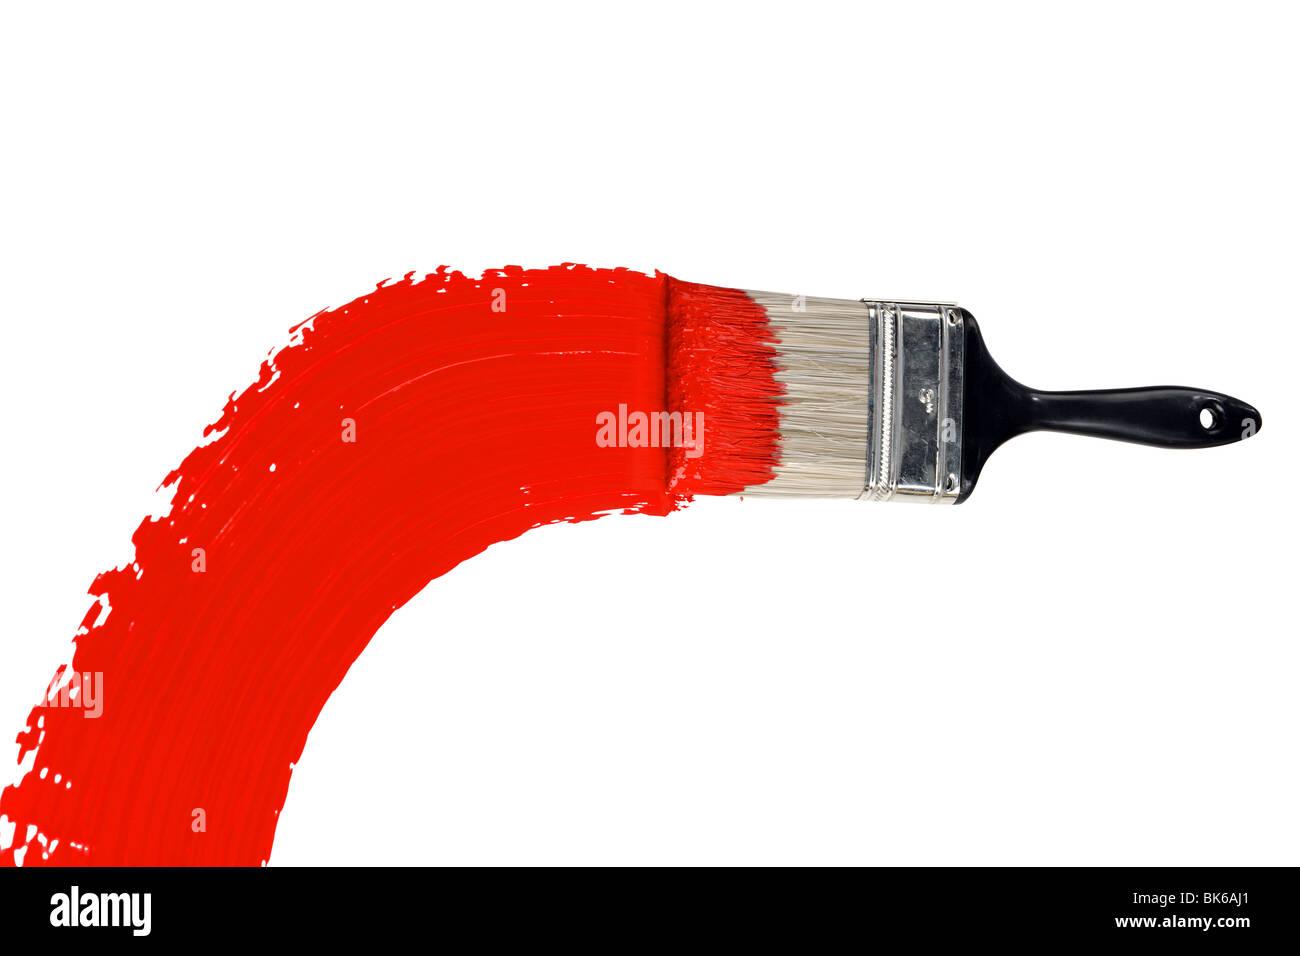 pinsel mit roter farbe auf wei em hintergrund isoliert stockfoto bild 29028889 alamy. Black Bedroom Furniture Sets. Home Design Ideas